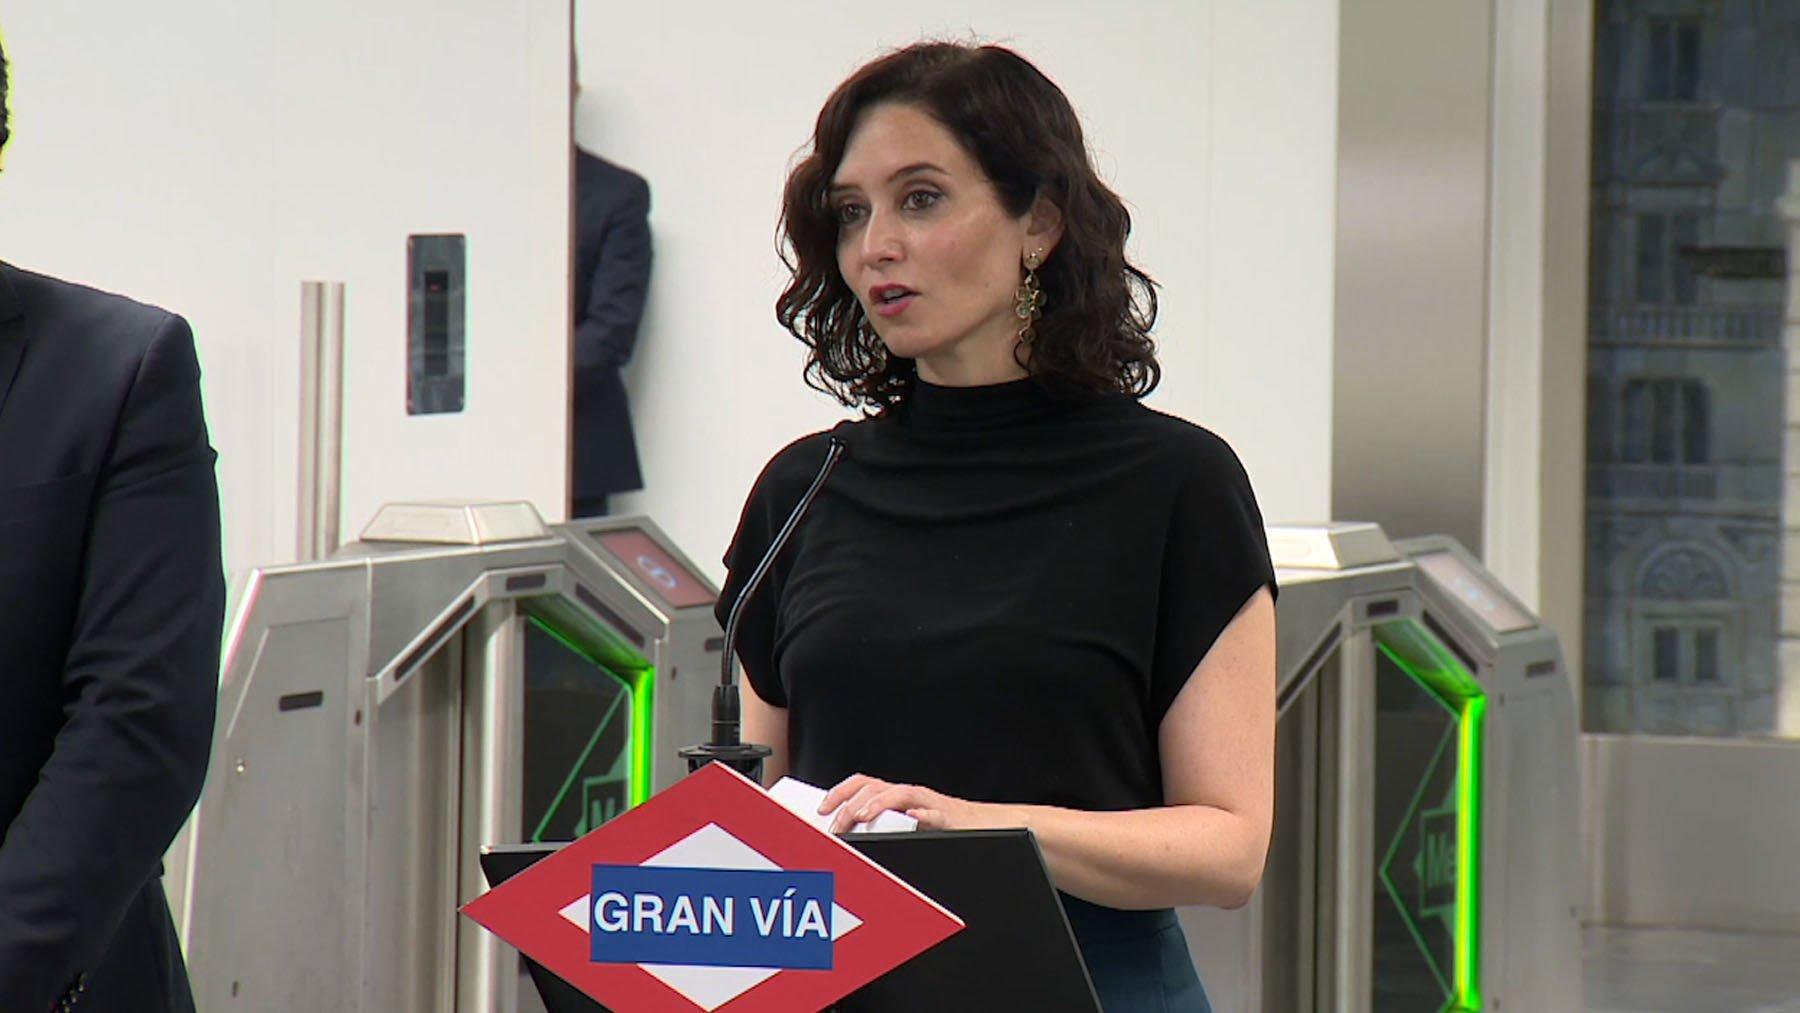 Zasca de Ayuso a la Cadena SER por intentar torpedear con una noticia falsa la reapertura de la estación de Gran Vía